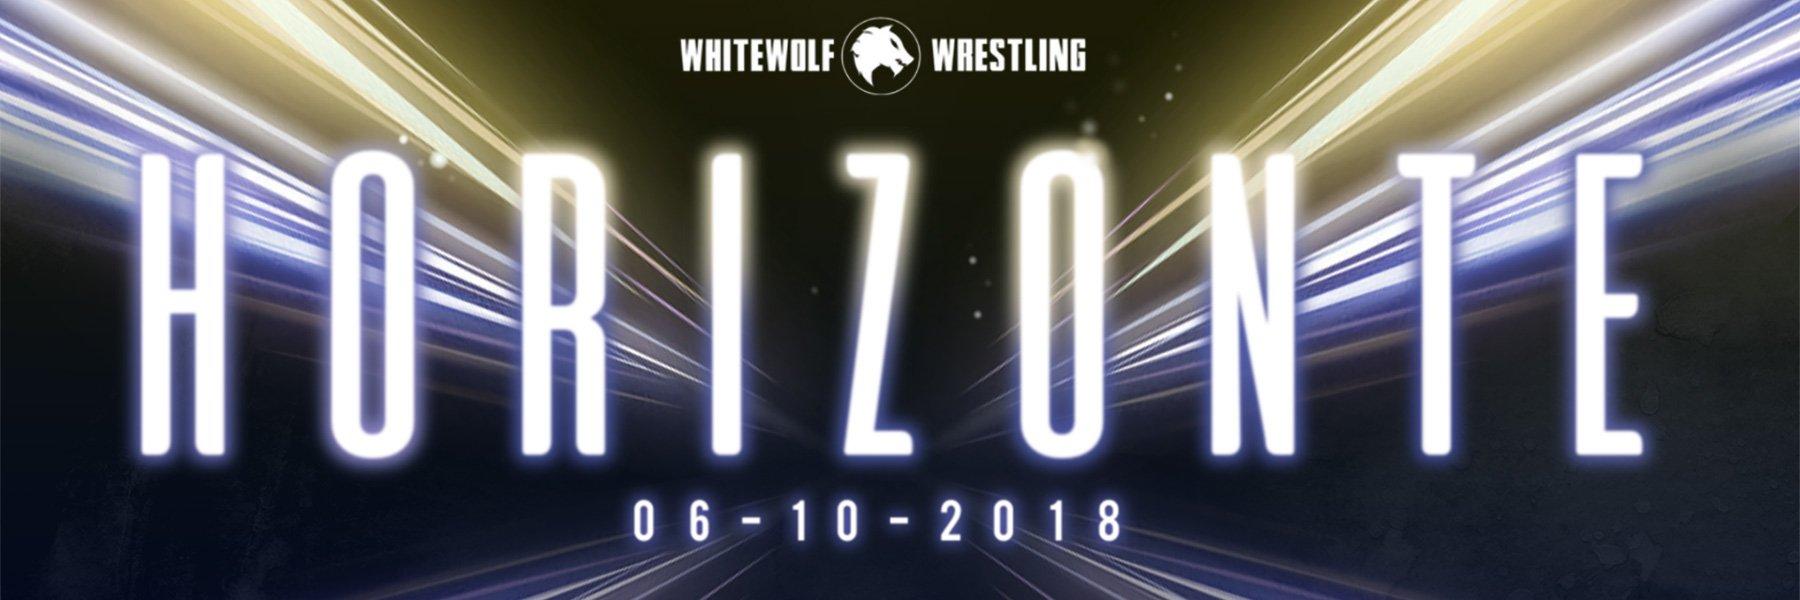 Horizonte - Full Show - 06/10/2018